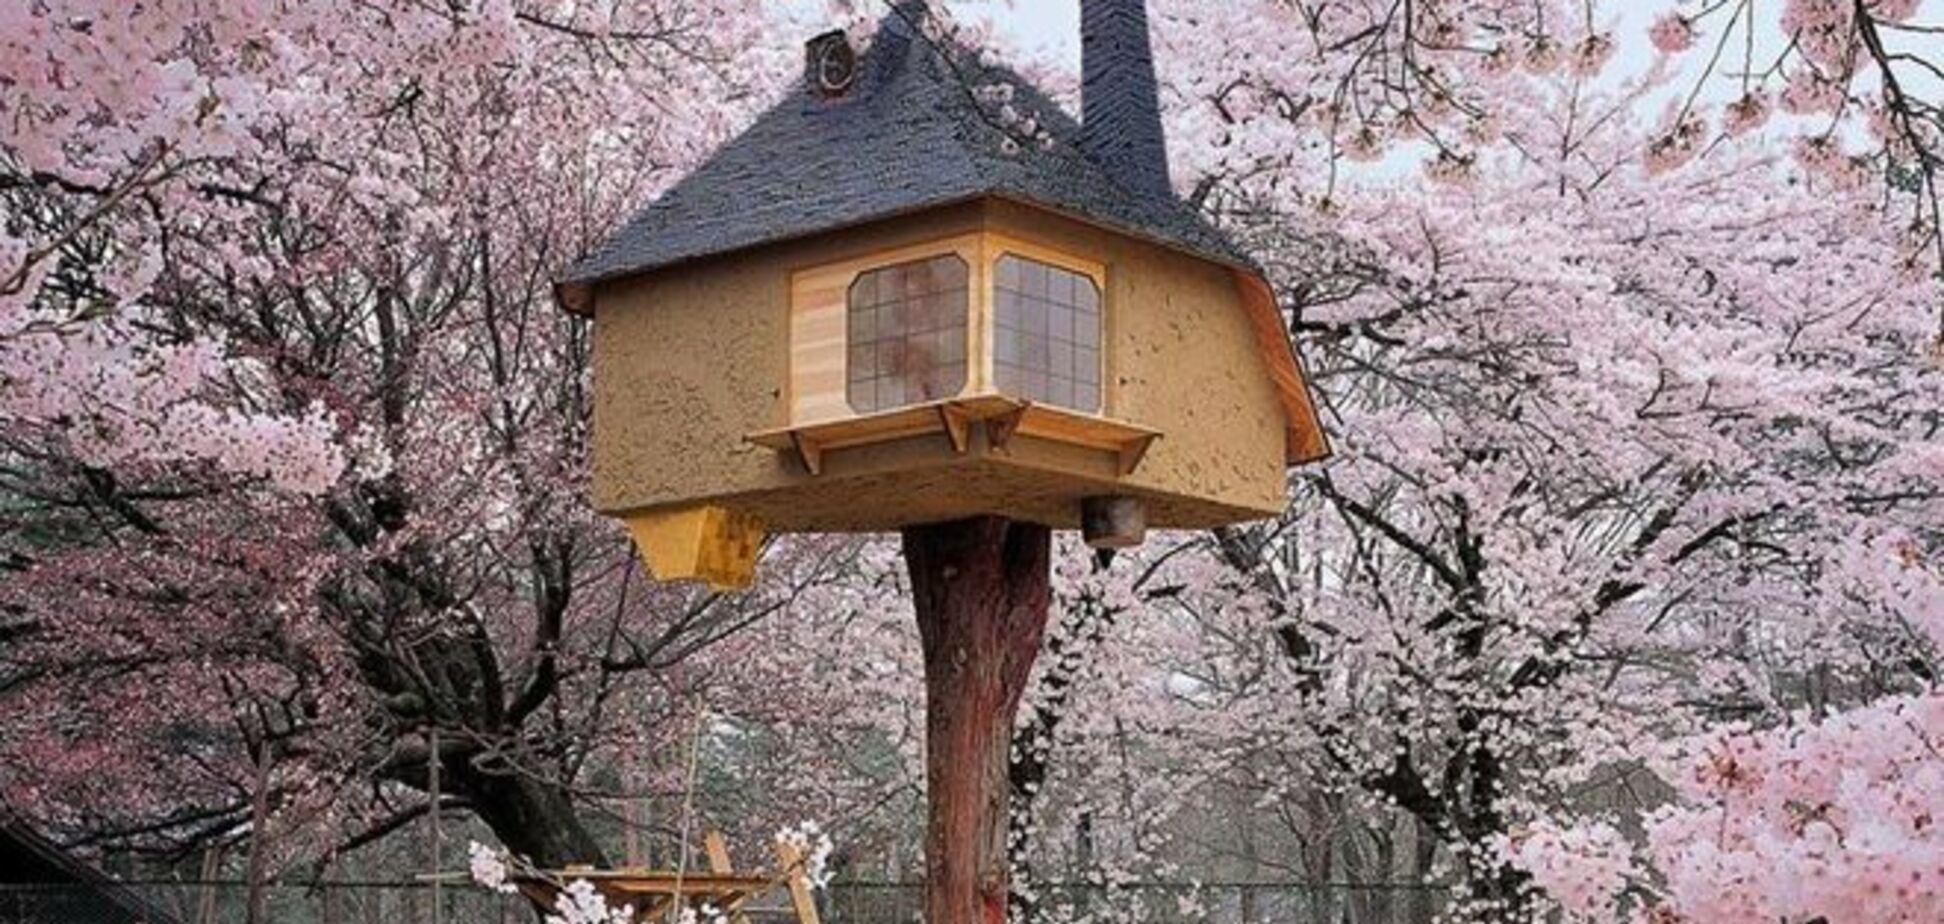 Дома волшебников: 14 невероятных сказочных домов в мире